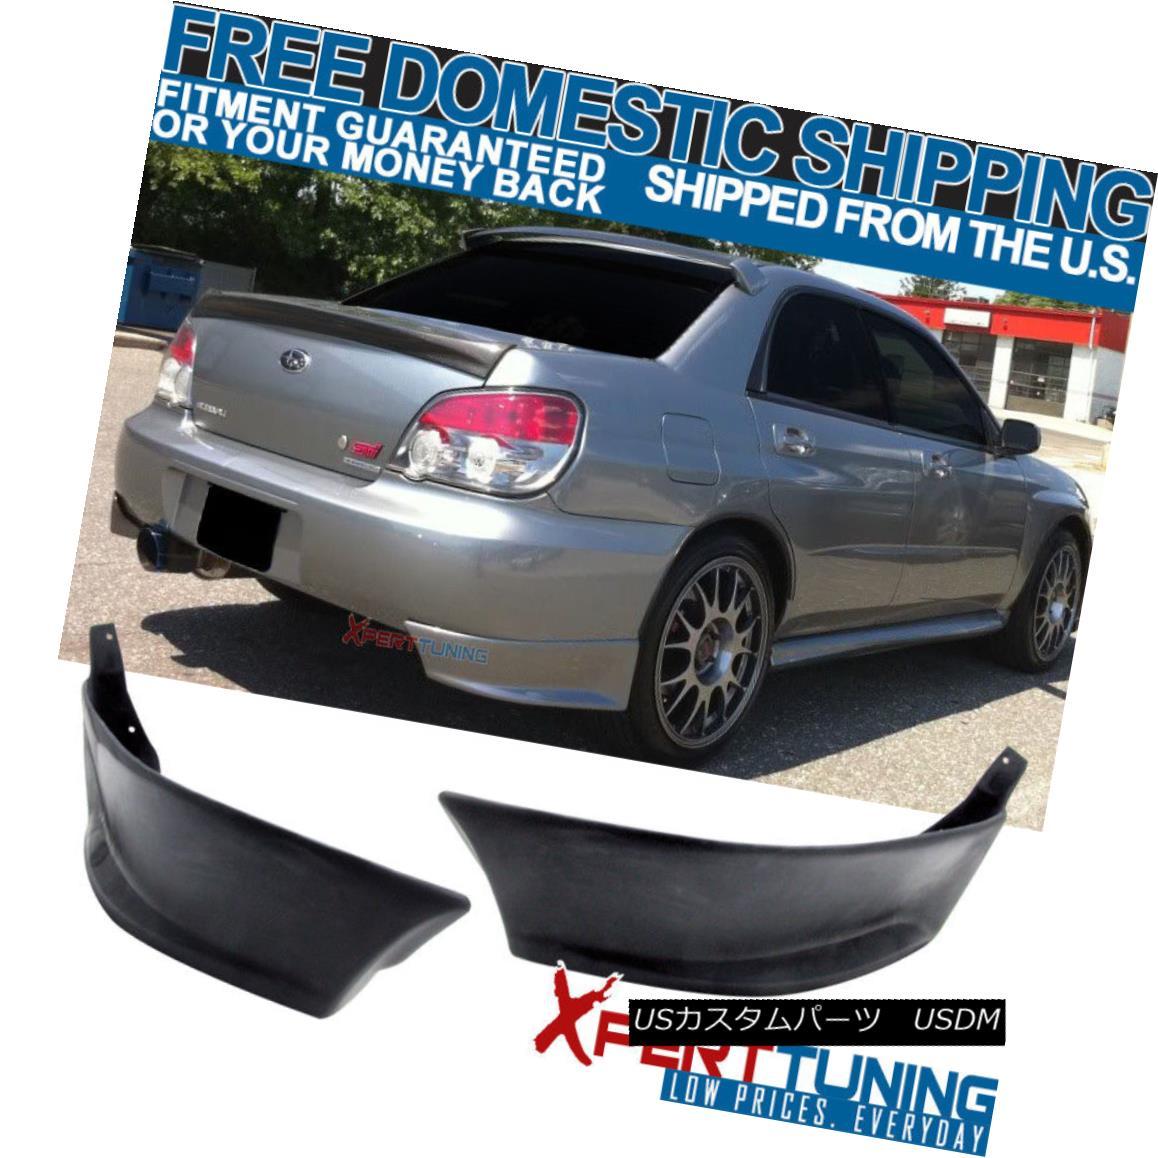 エアロパーツ Fit For 02-07 Subaru Impreza WRX Rear Bumper Lip Splitter 2Pc Valance Spats 02-07 Subaru Impreza WRXリアバンパーリップスプリッター2Pc Valance Spats